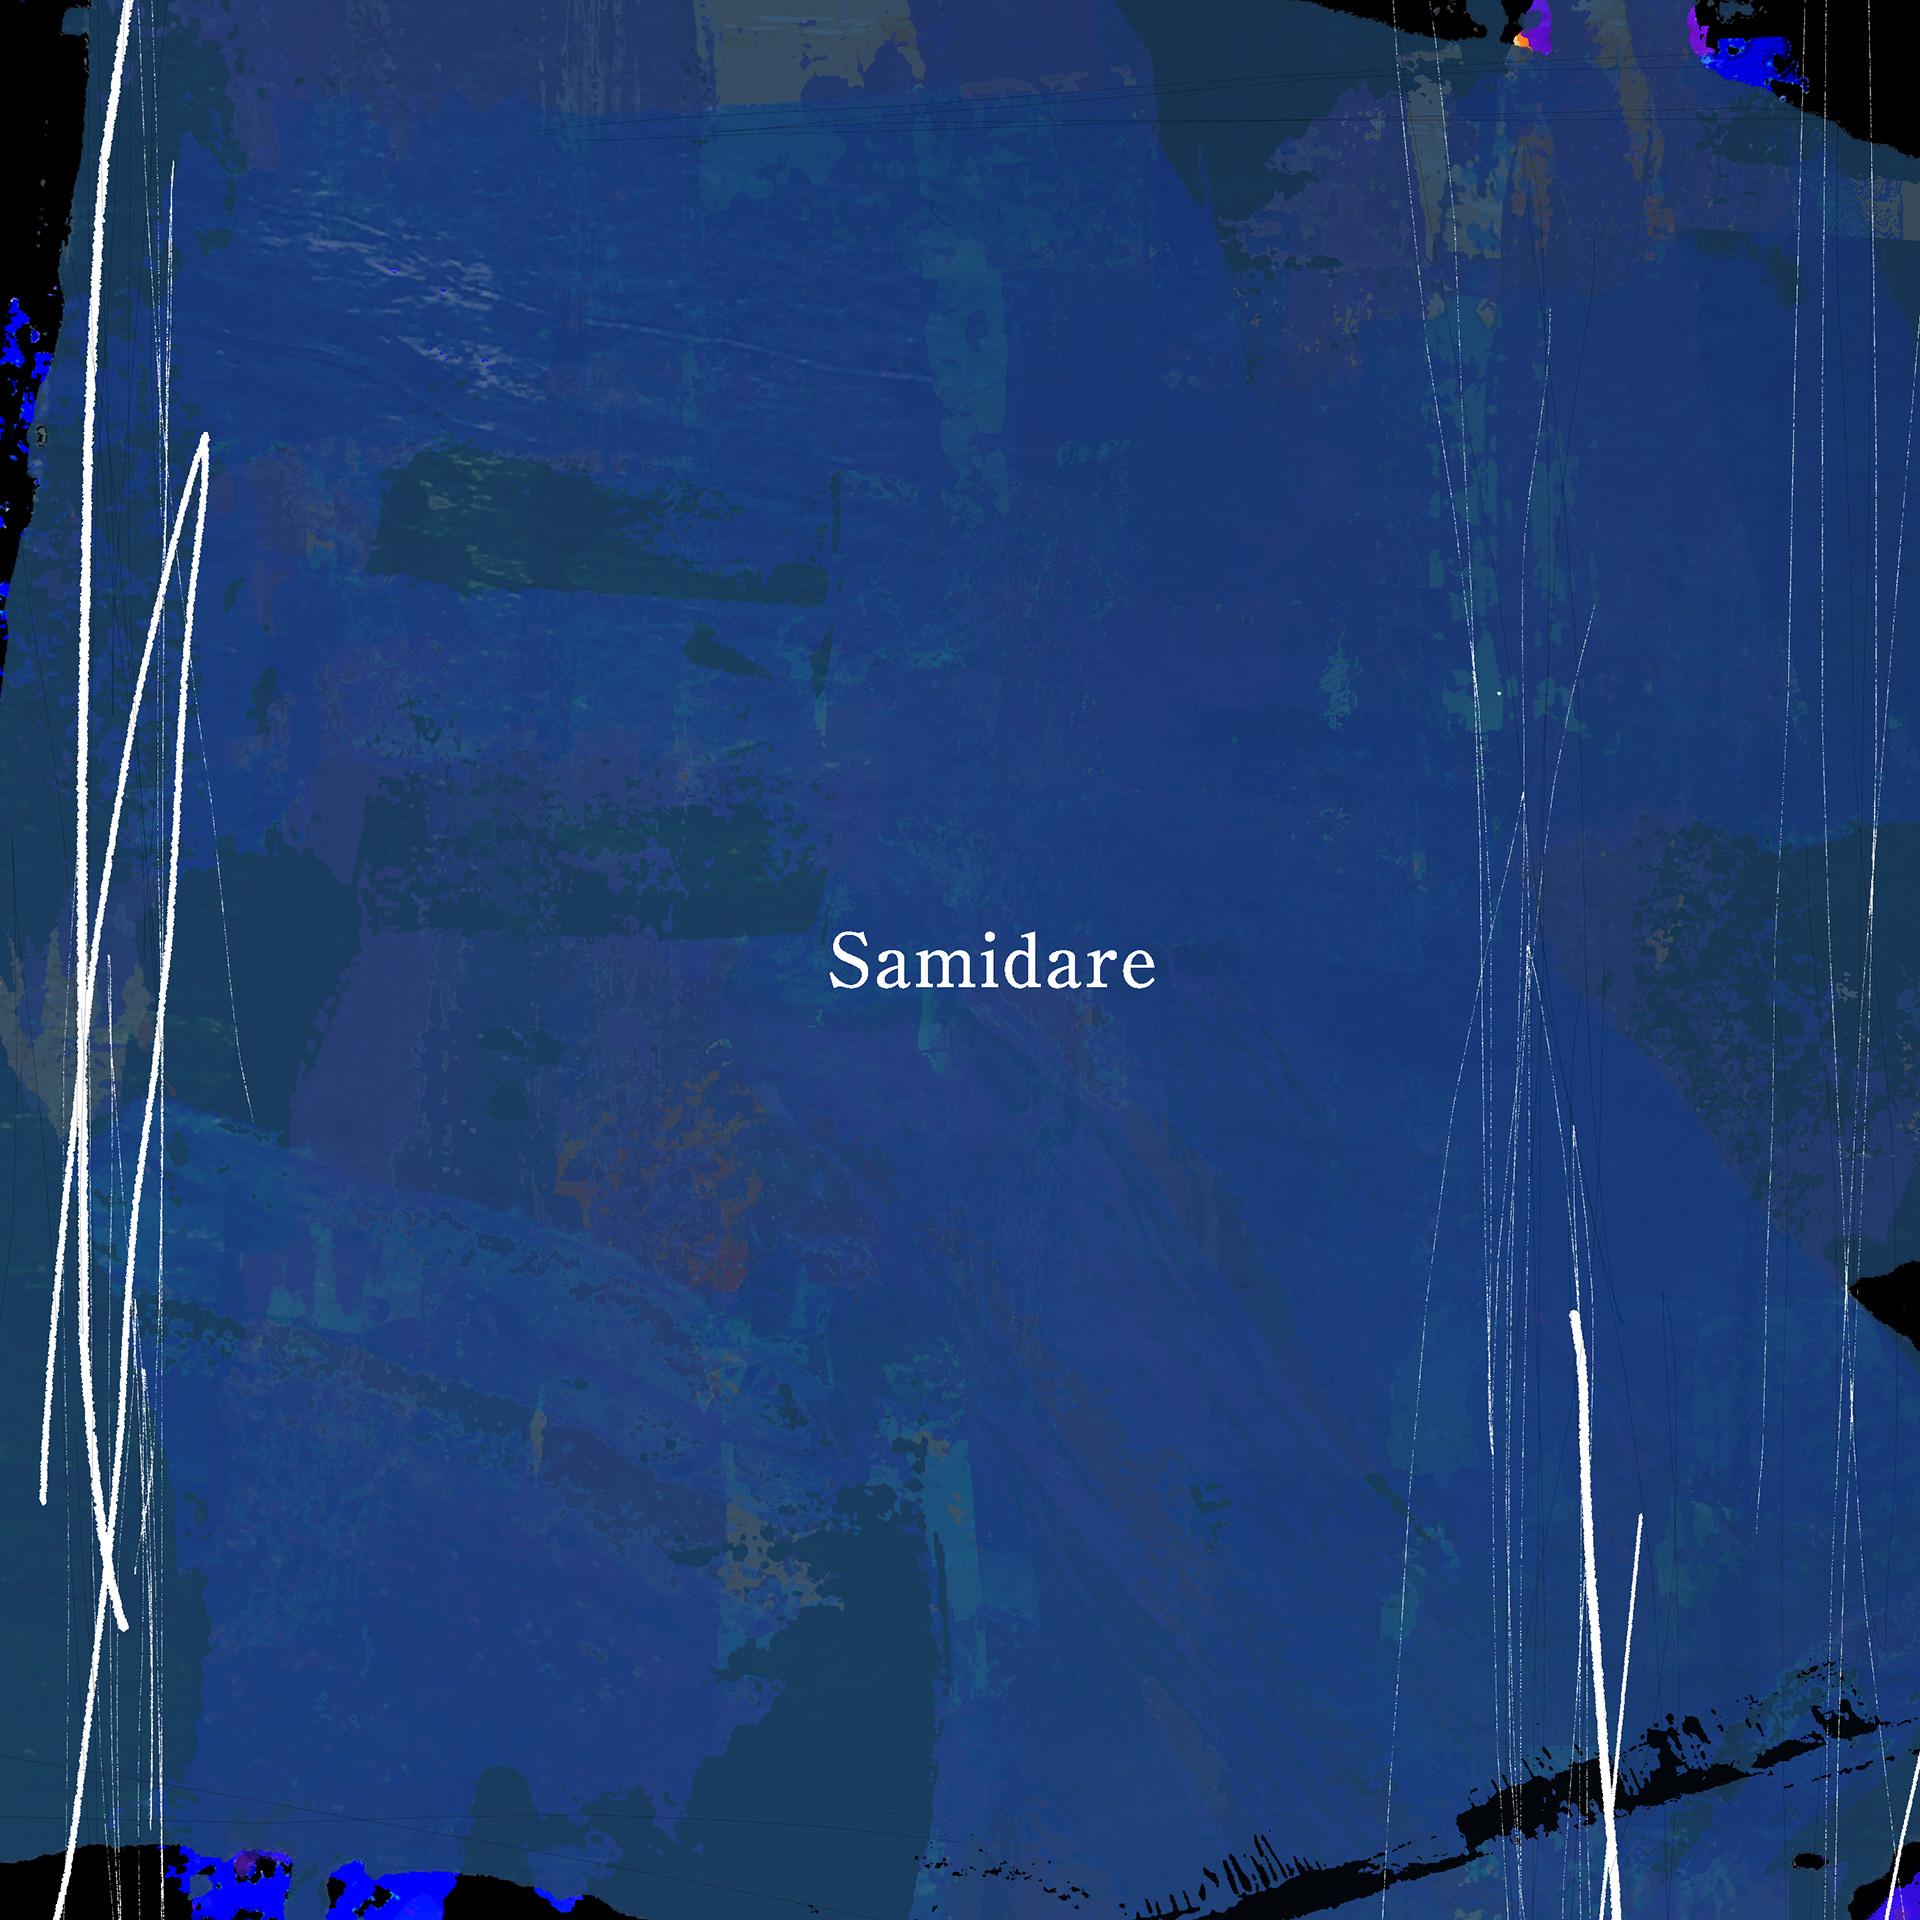 崎山蒼志「Samidare」「Heaven」「Undulation」Jacket